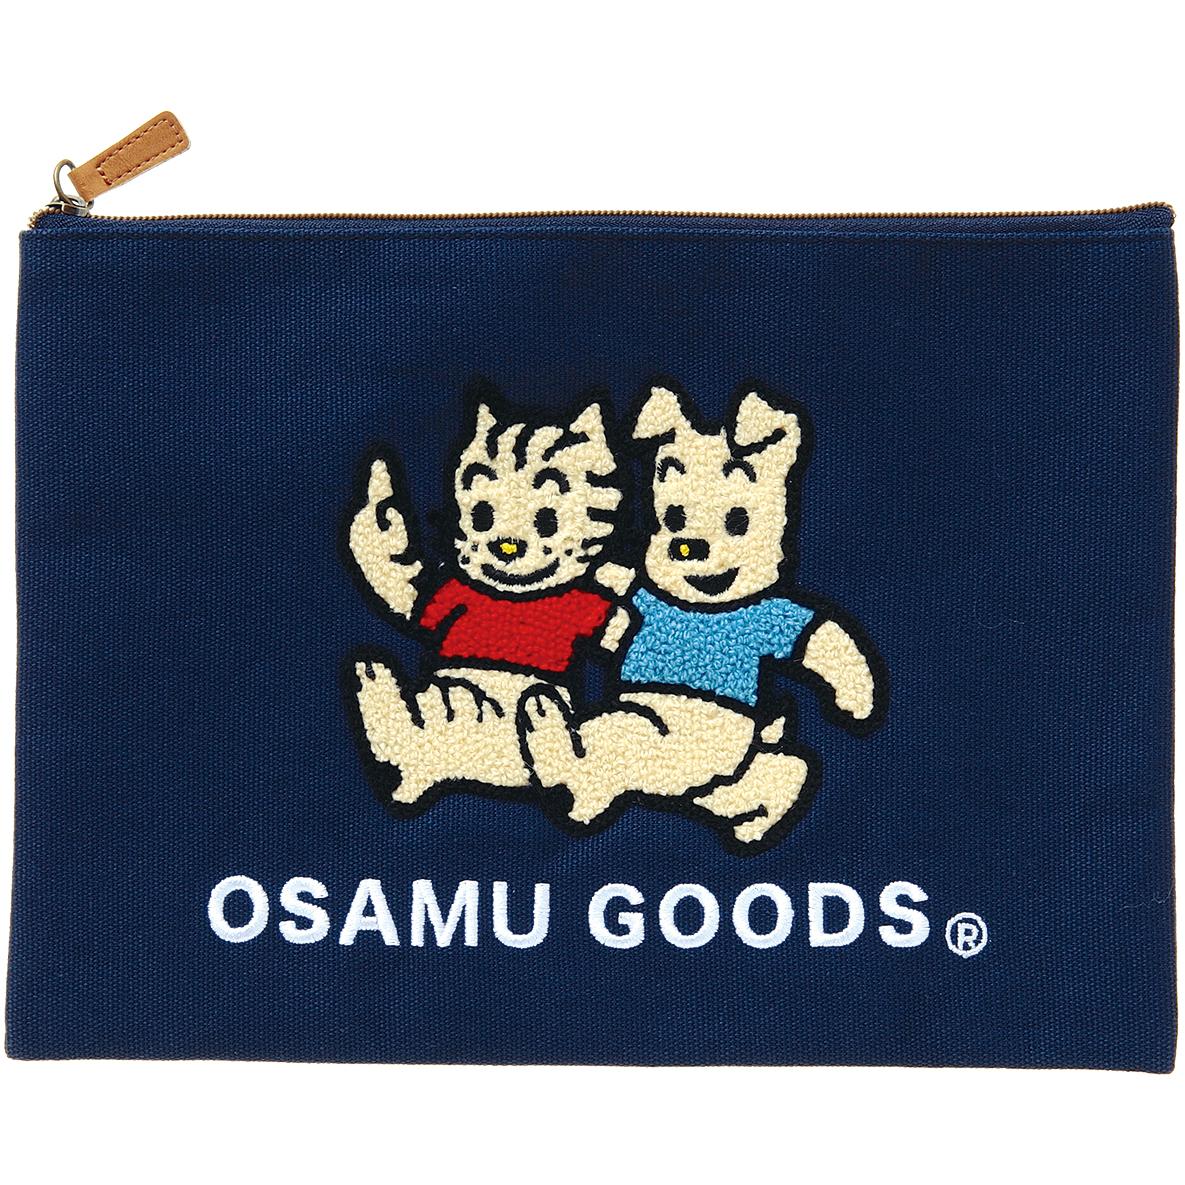 OSAMU GOODS オサムグッズ<br>サガラ刺繍フラットポーチ(ネイビー)